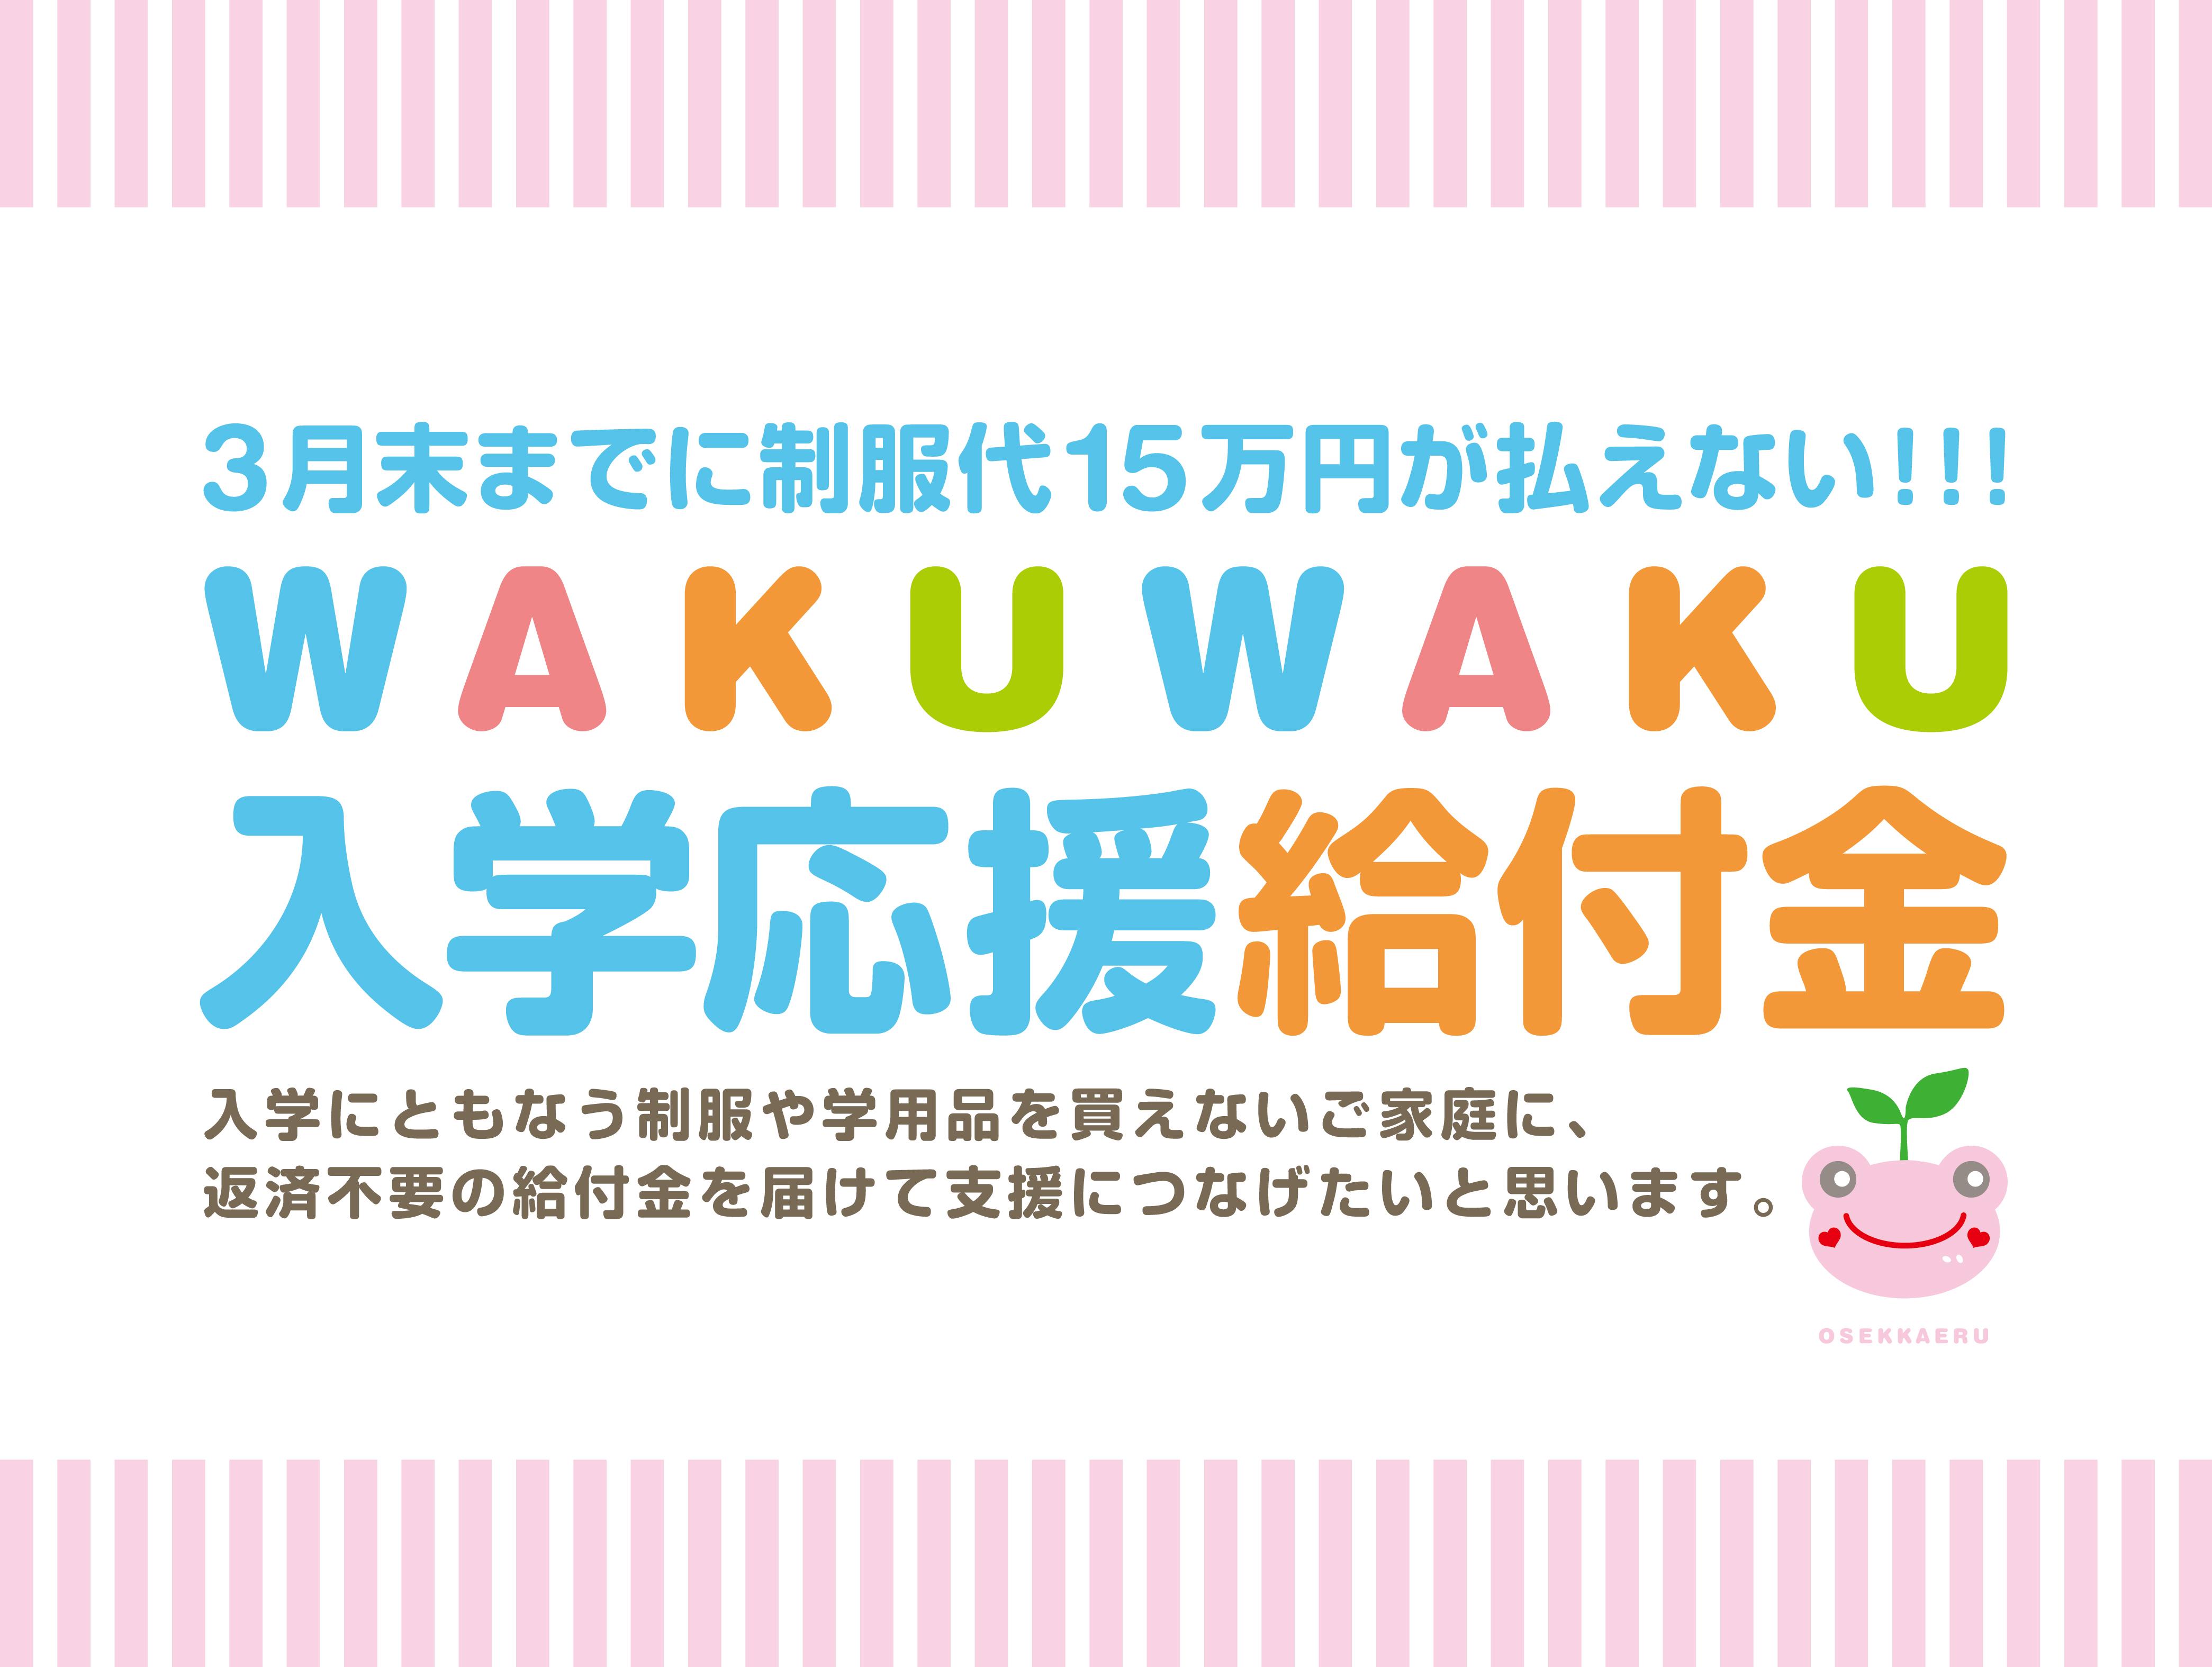 WAKUWAKU入学応援給付金